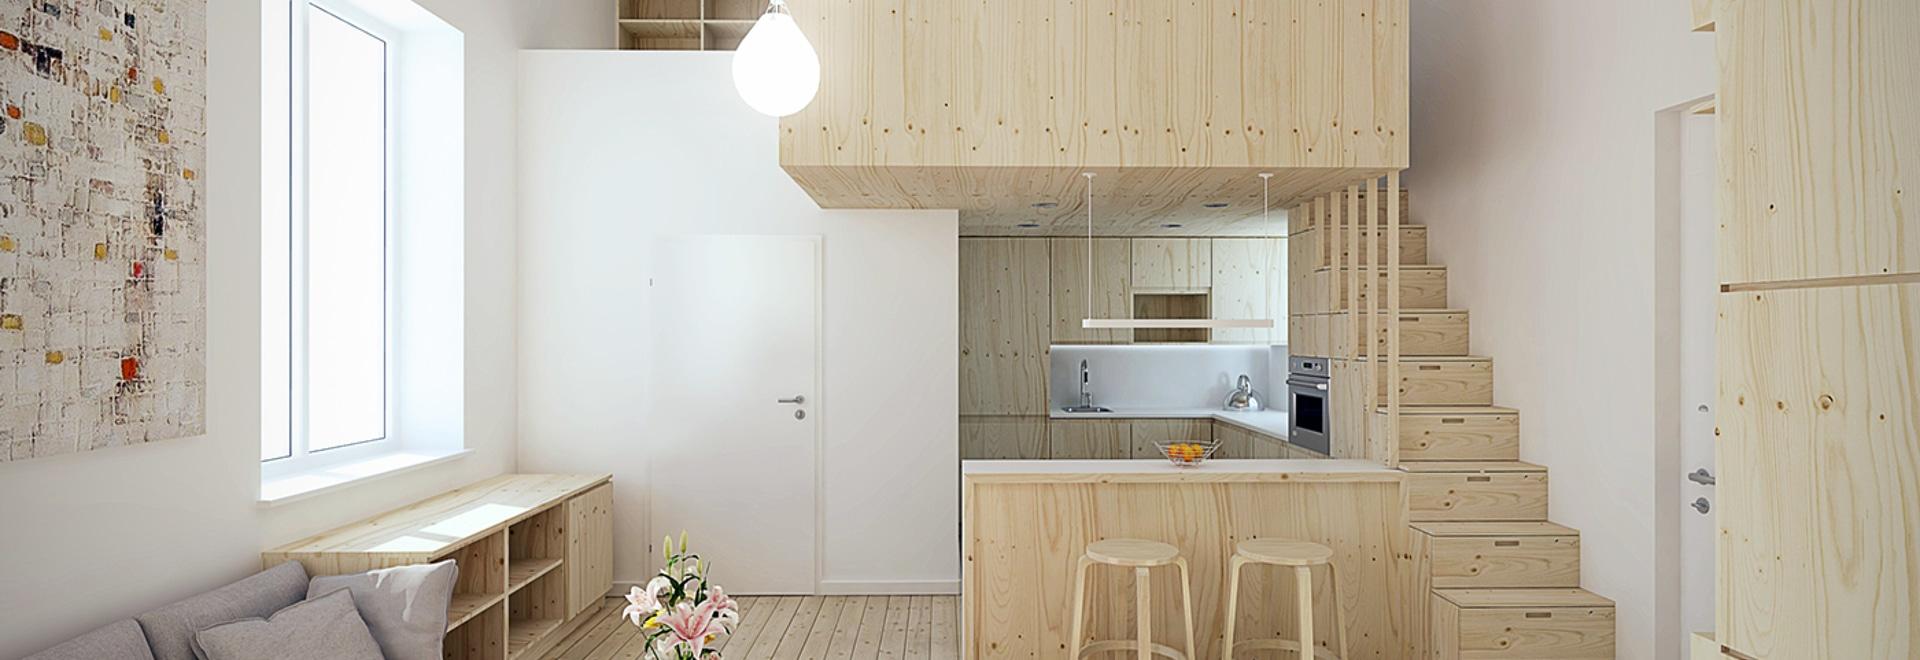 Entwerfen für super kleine Räume: 5 Mikrowohnungen - Romania